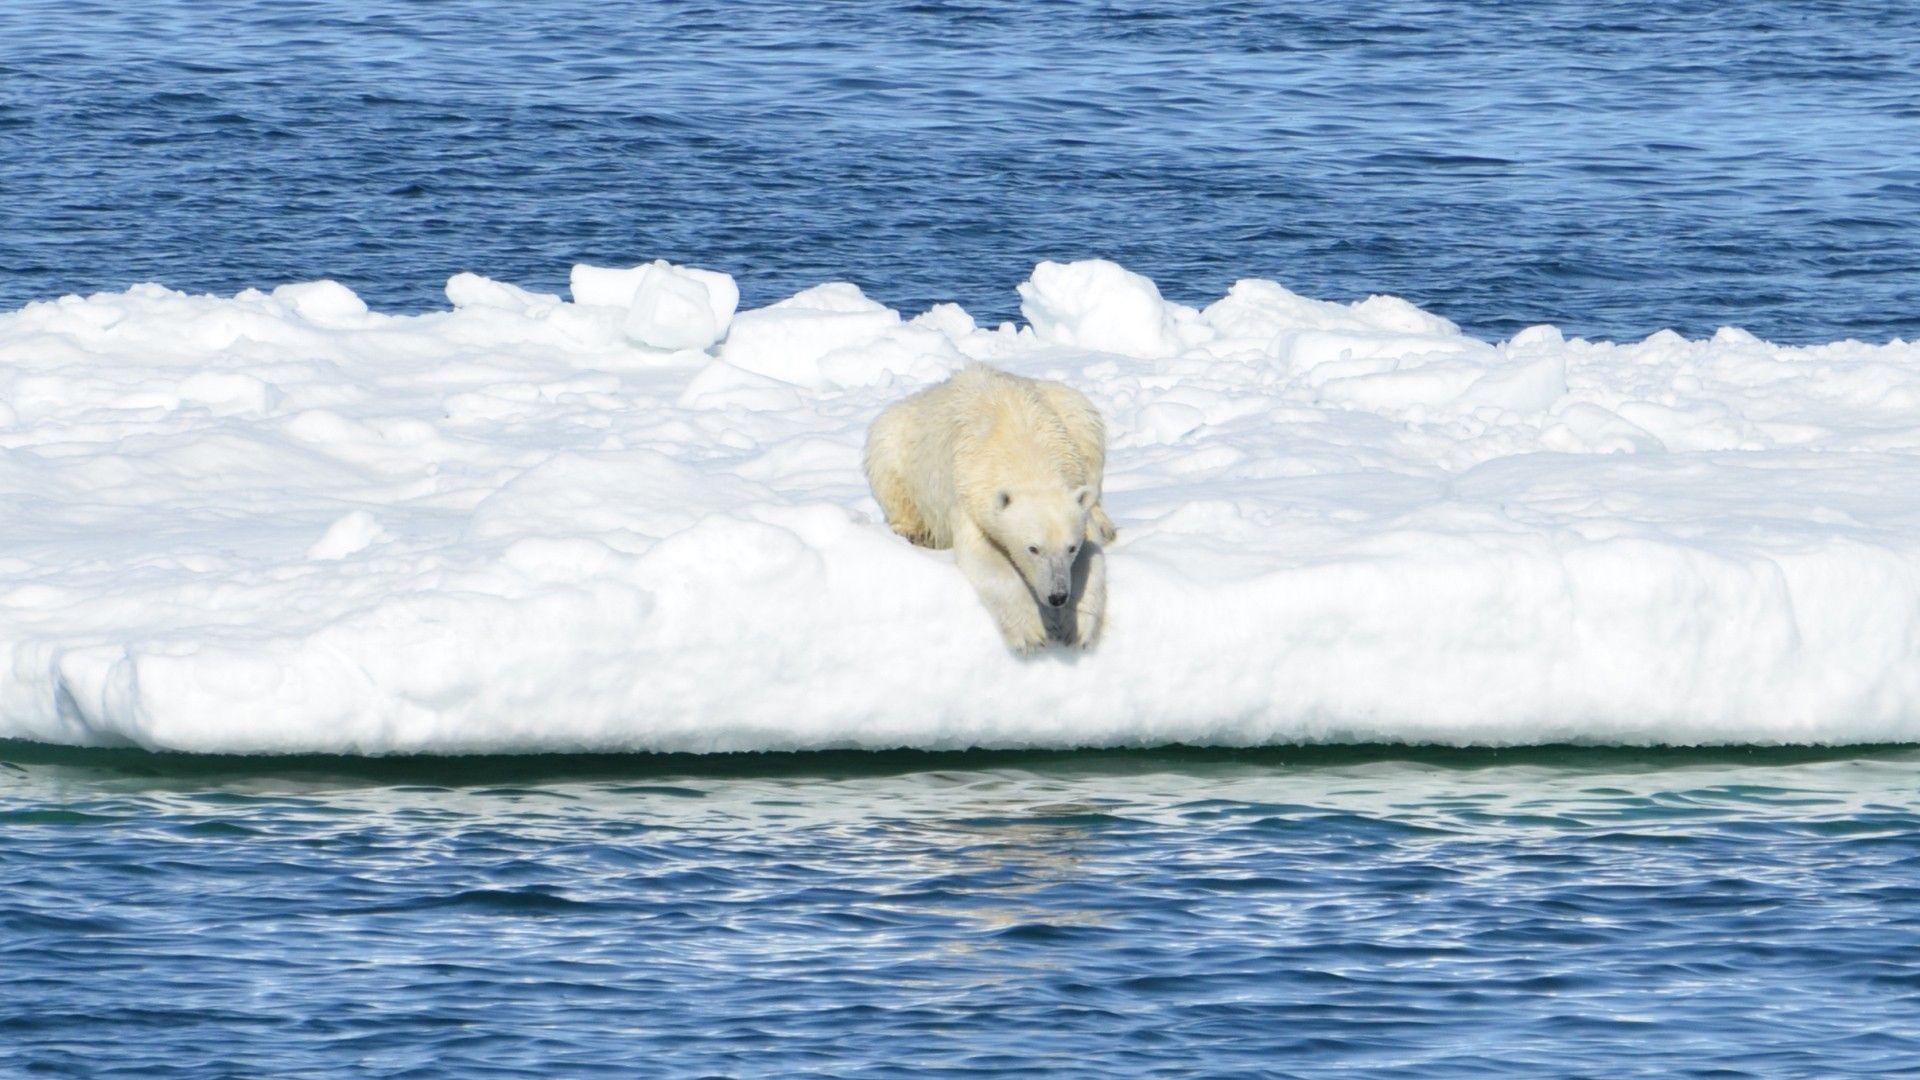 La terrible quête des ours polaires filmée par des caméras | National Geographic